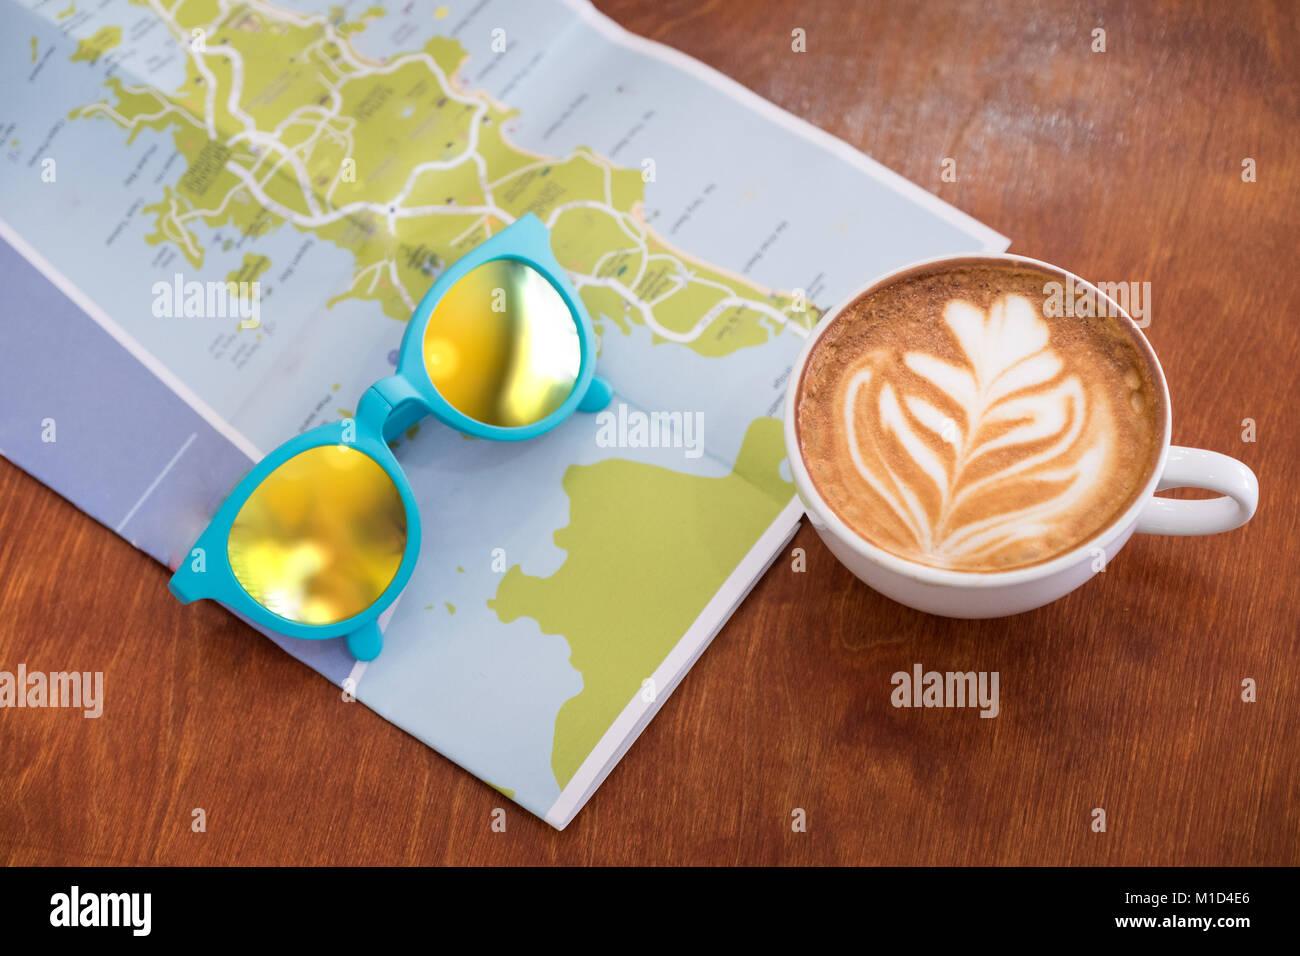 White tazza di caffè con latte art con mappa dei viaggi e gli occhiali da sole sul legno marrone tabella,le Immagini Stock